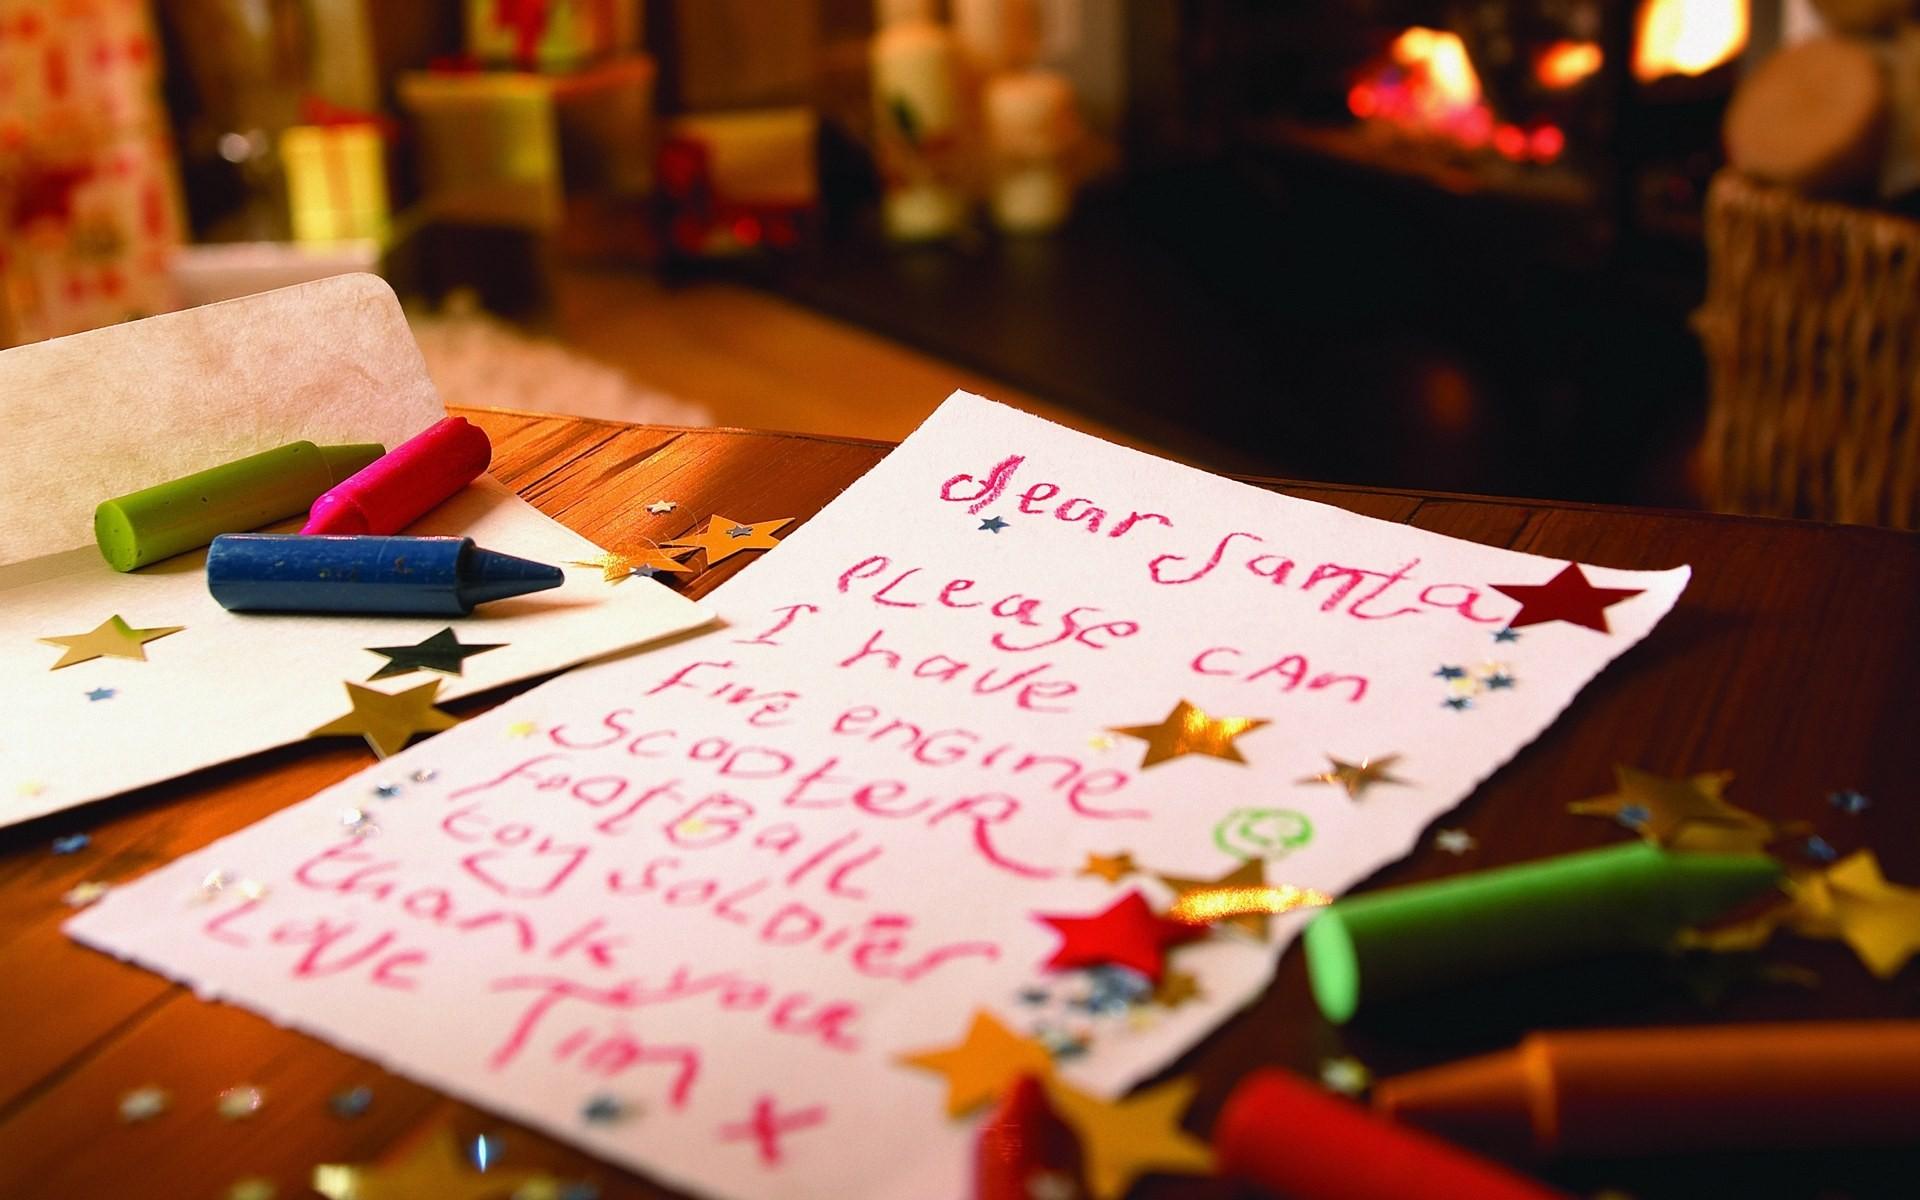 Carta a Santa Claus - 1920x1200